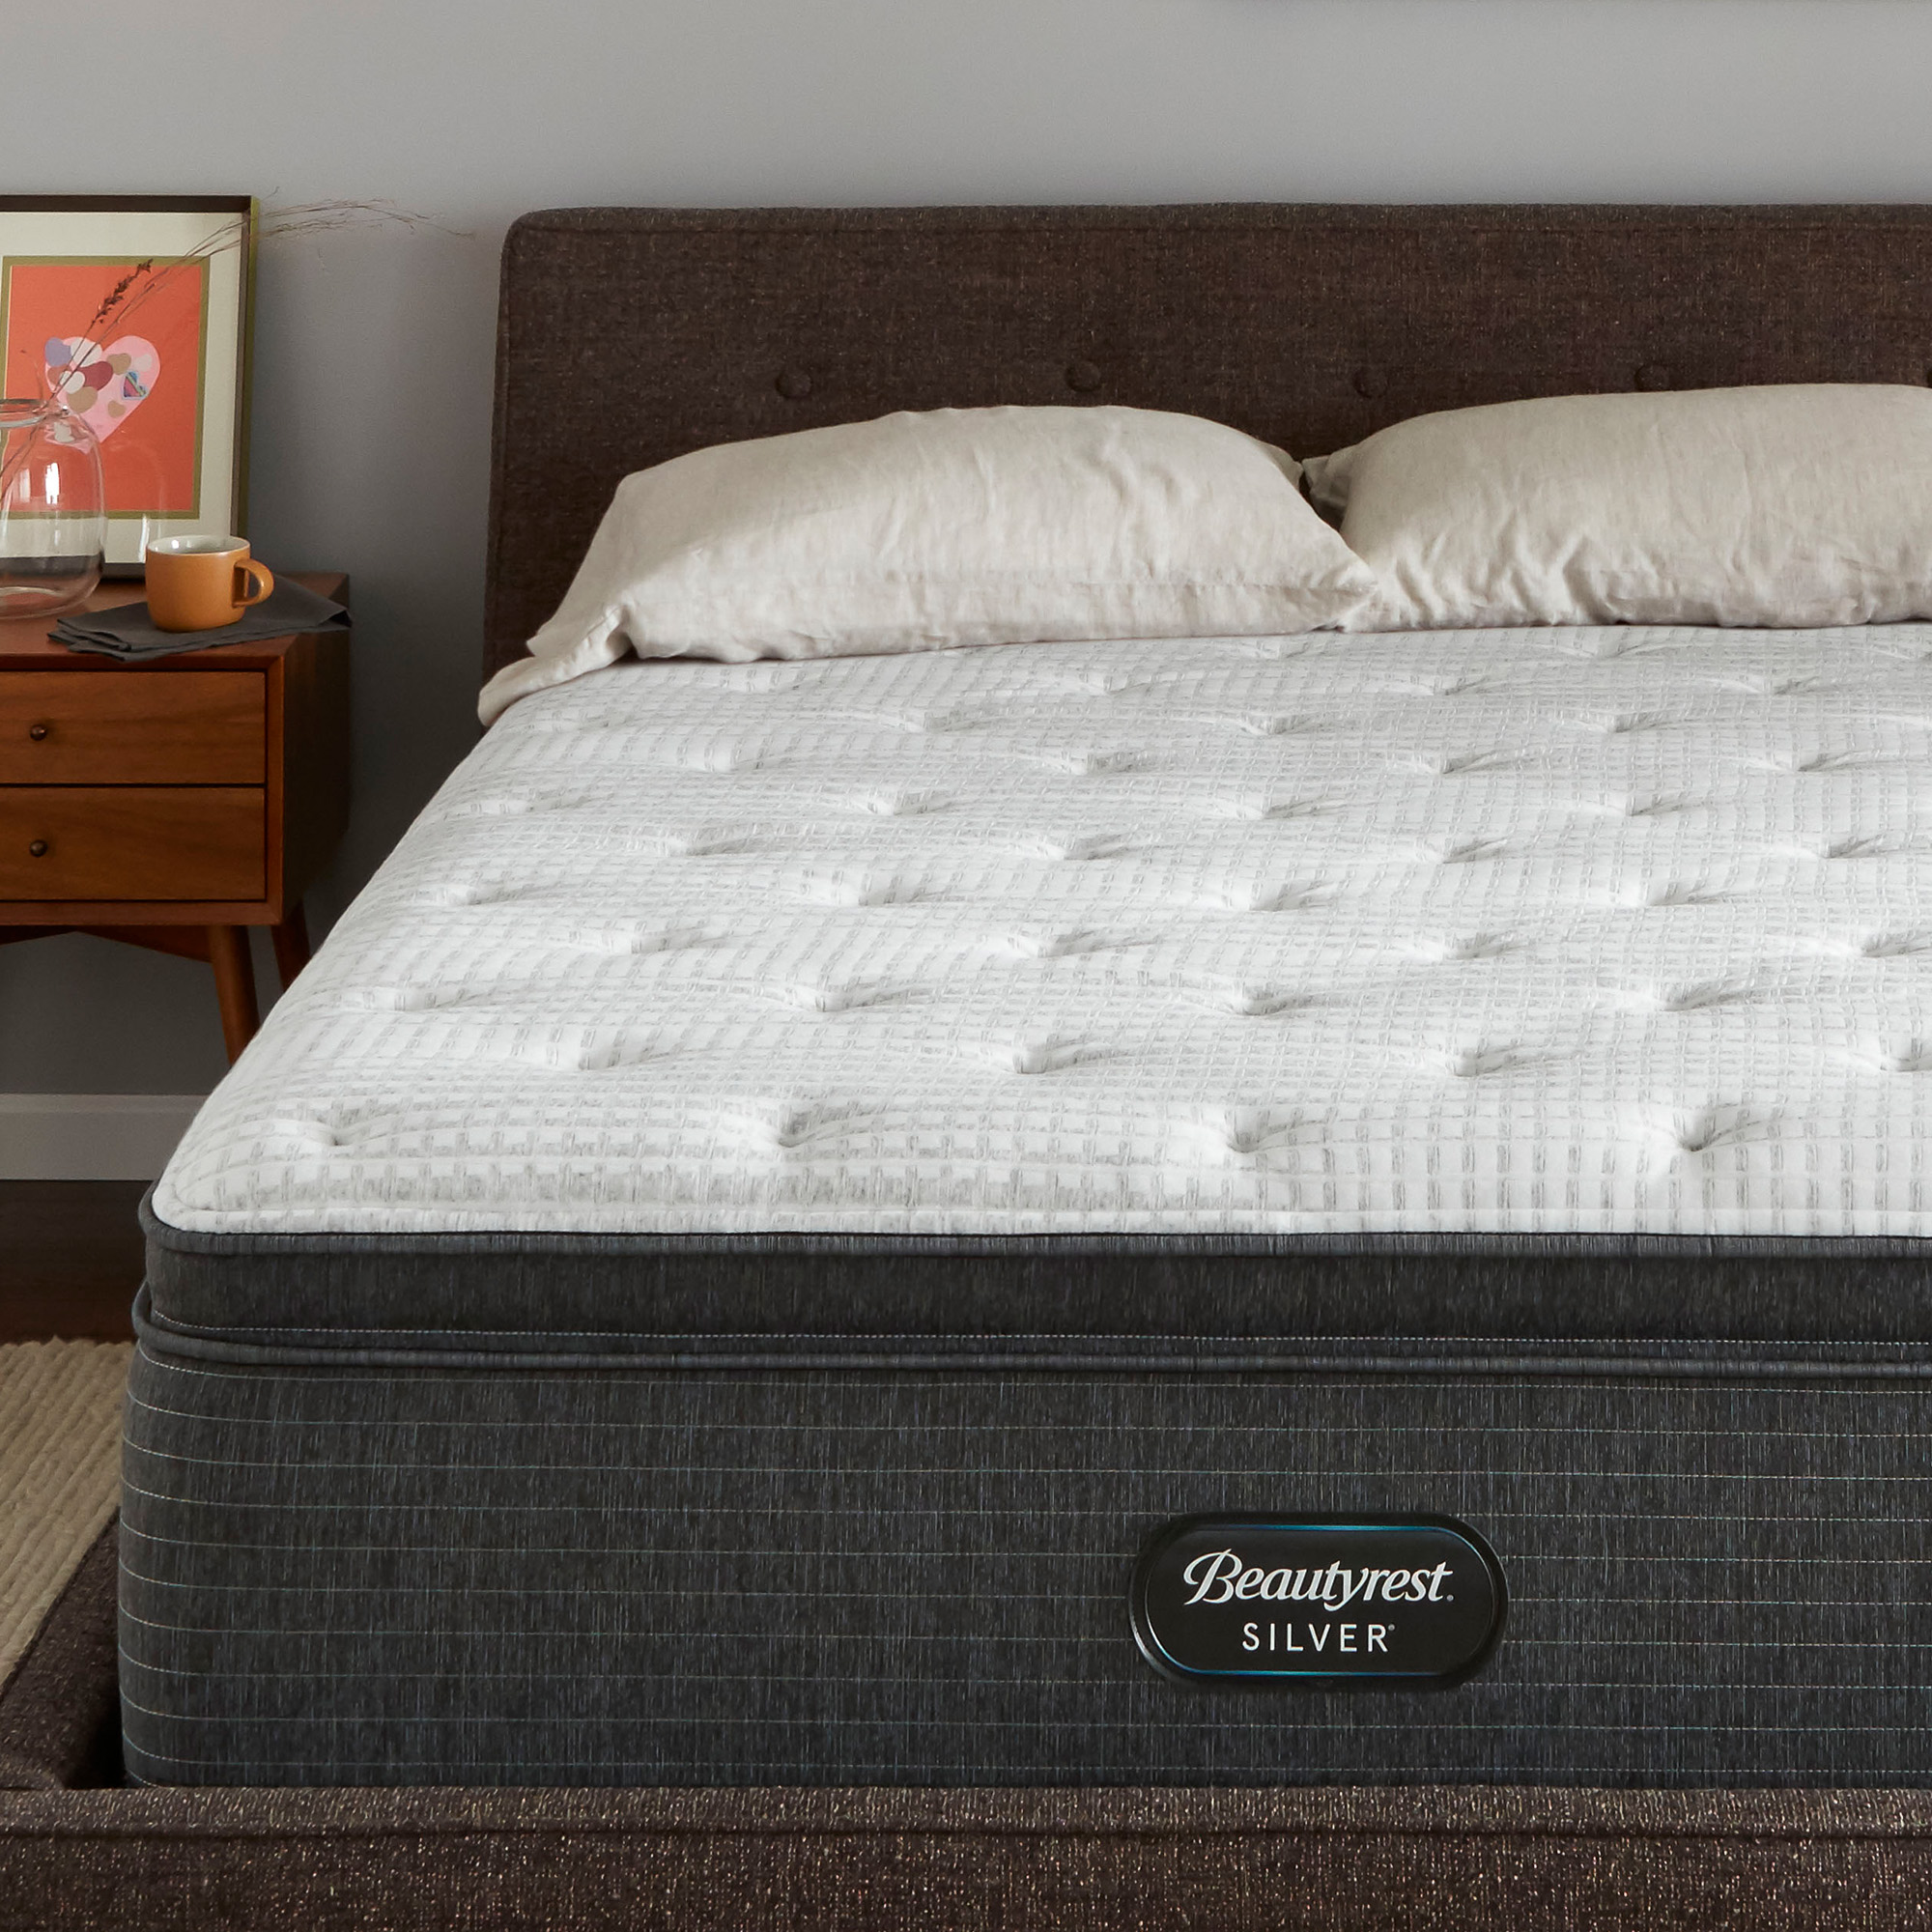 beautyrest silver brs900 c medium pillow top king mattress